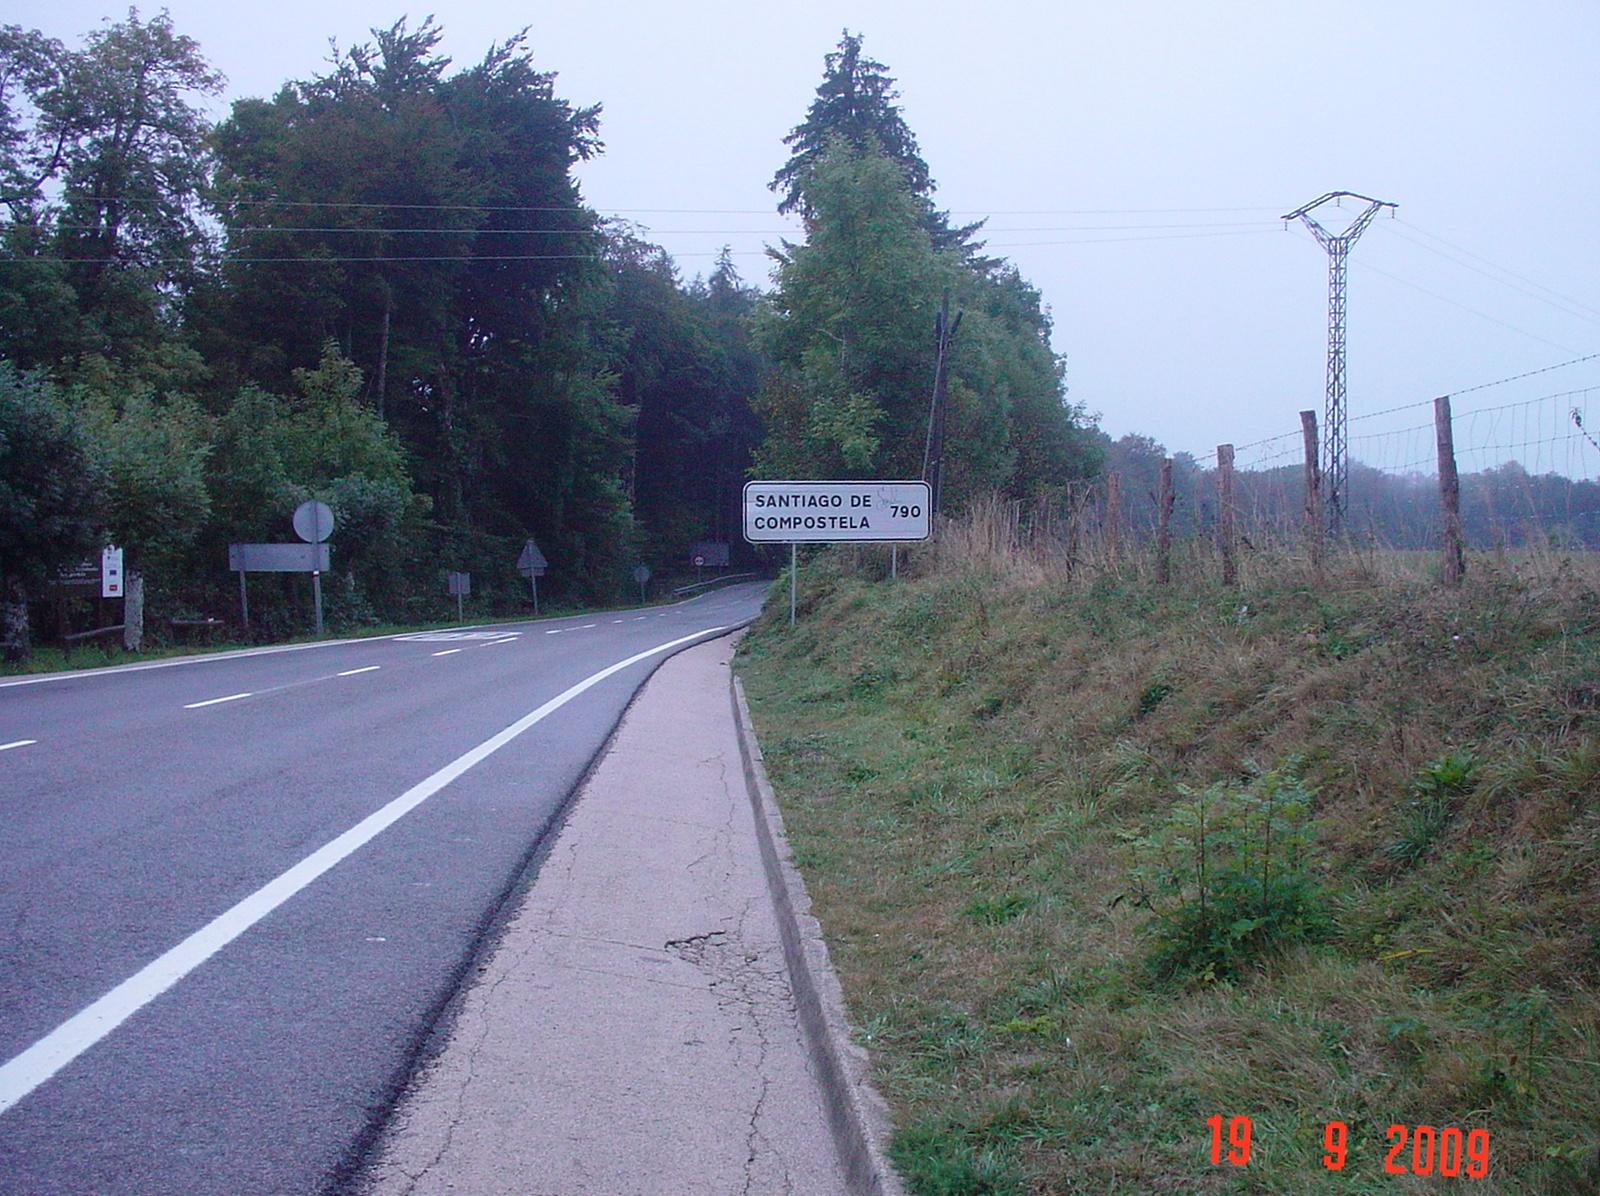 nur noch 790 km nach Santiago de Compostela, hahaha